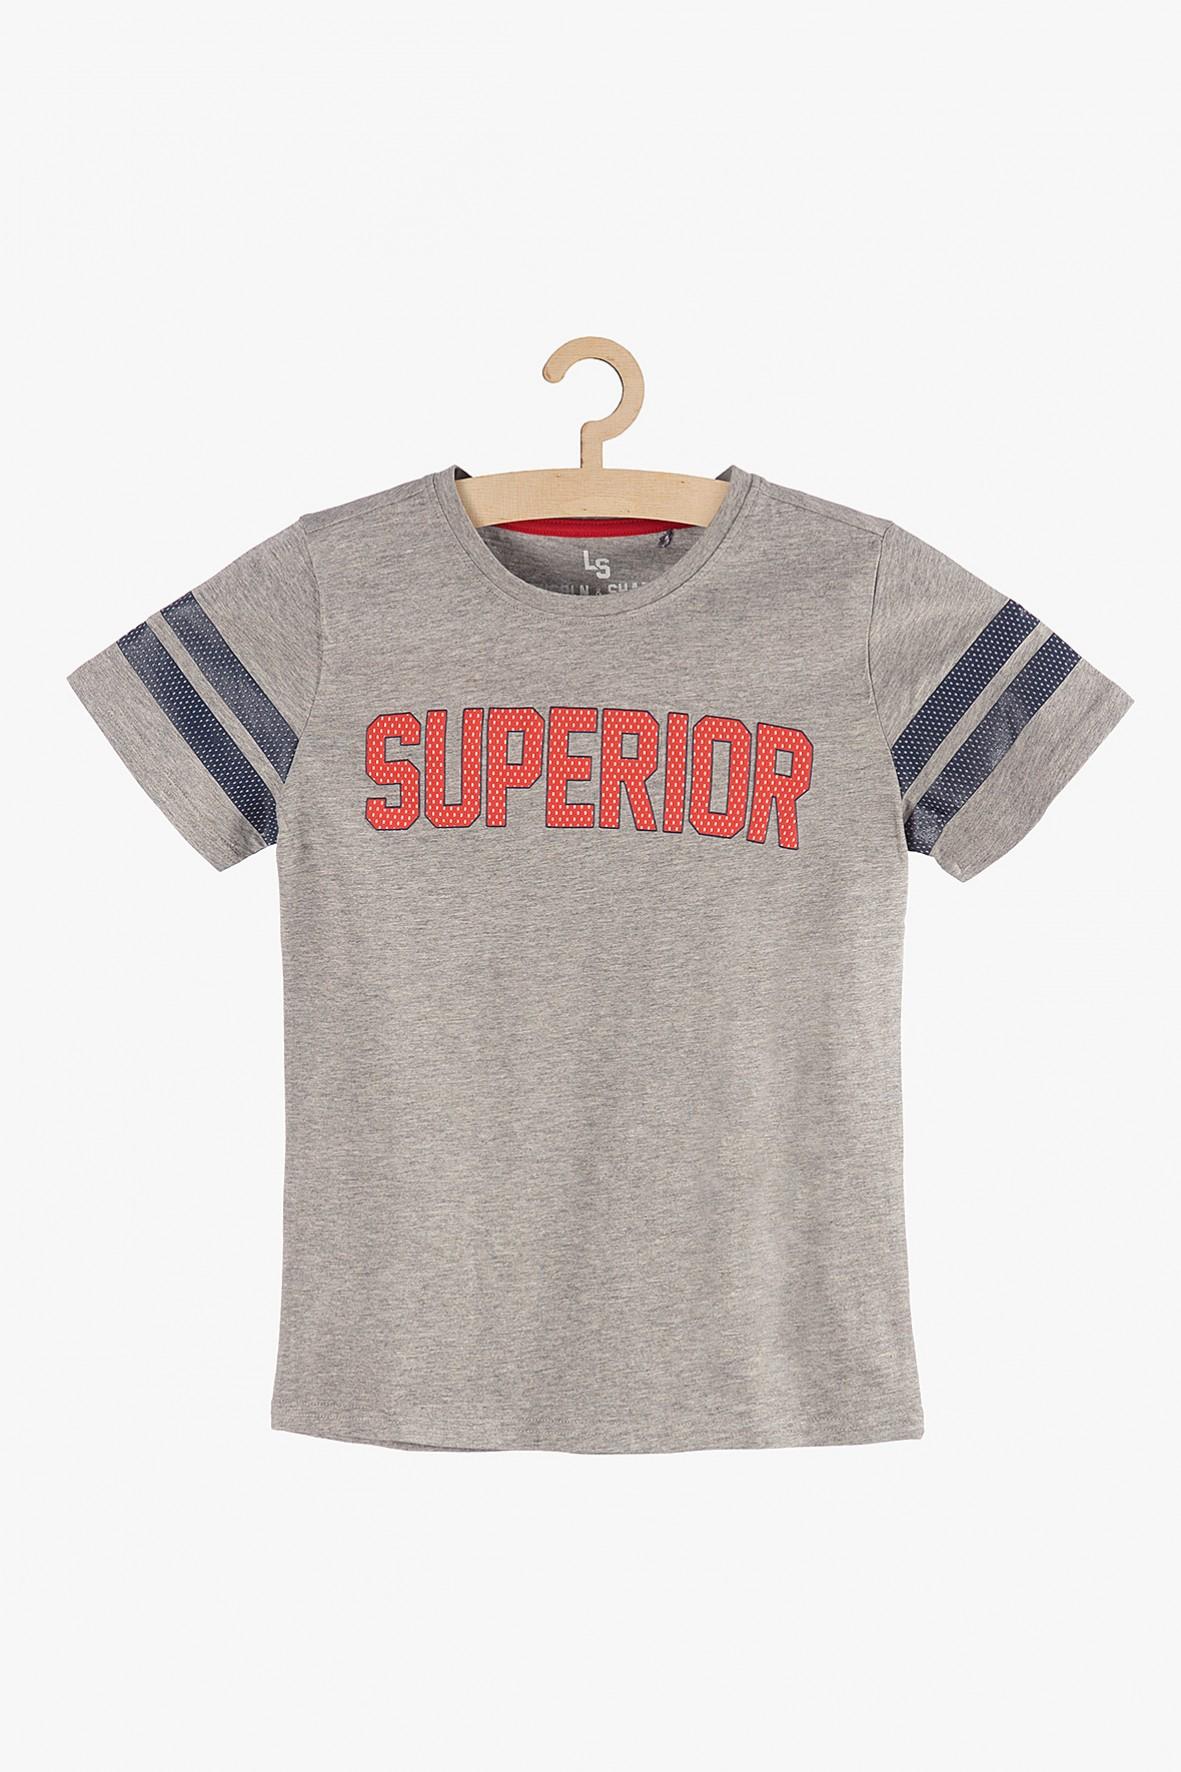 """T-shirt chłopięcy szary z napisem """"Superior"""""""